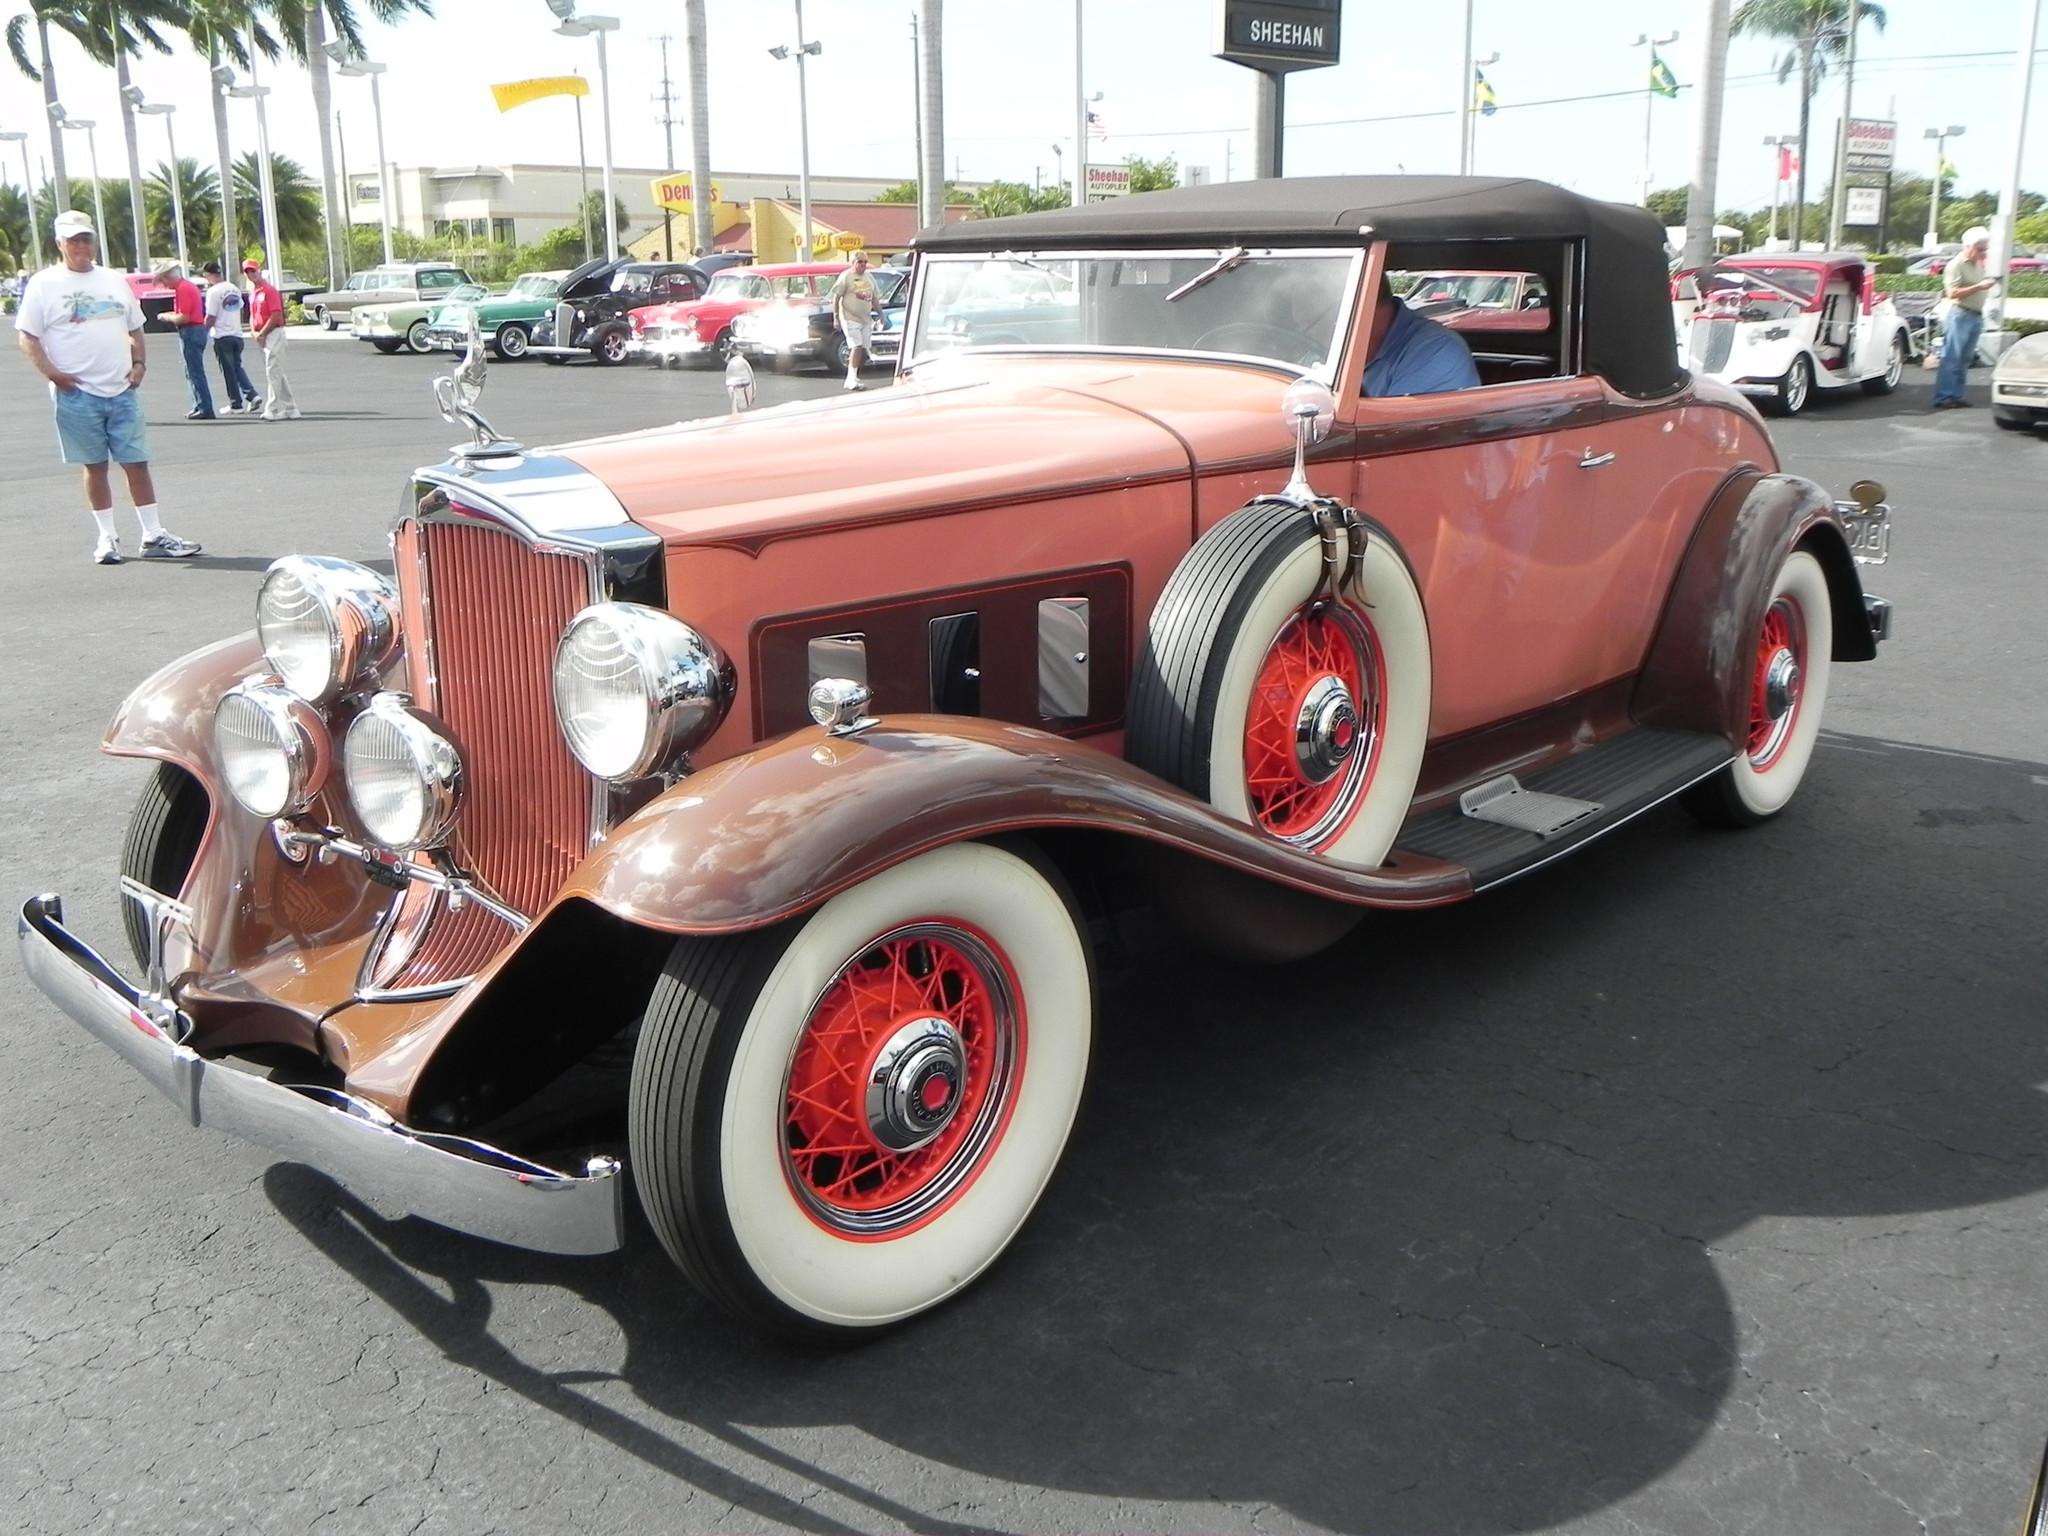 Antique And Classic Car Photo Gallery Southfloridacom - Pompano car show